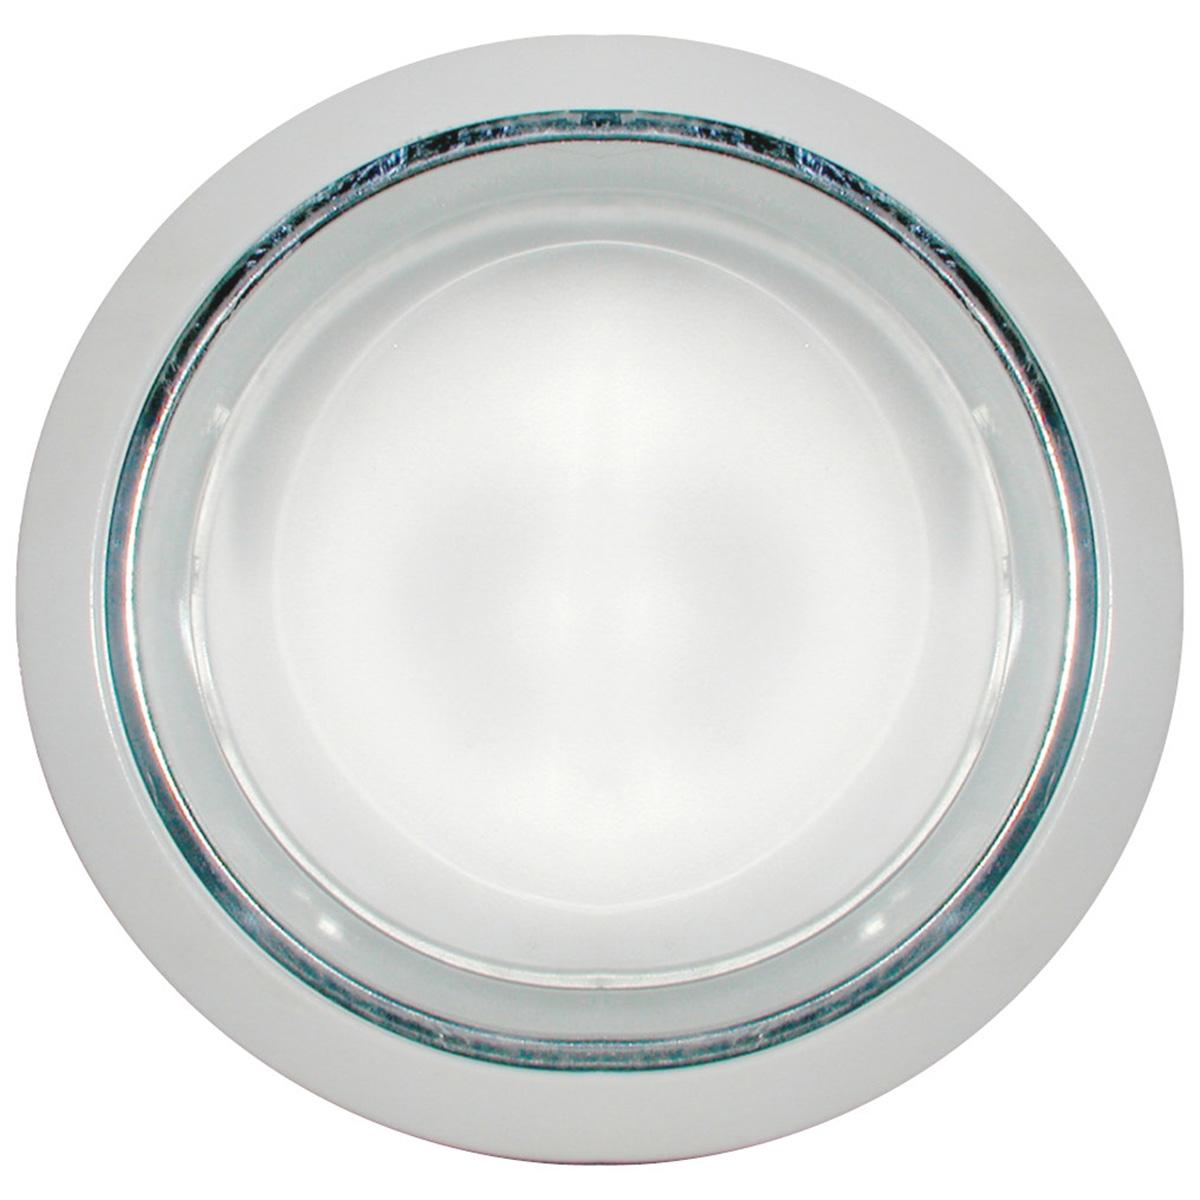 Refletor De Embutir 23cm Com Vidro Fosco E-27 2 Lamp. Max 60w Branco